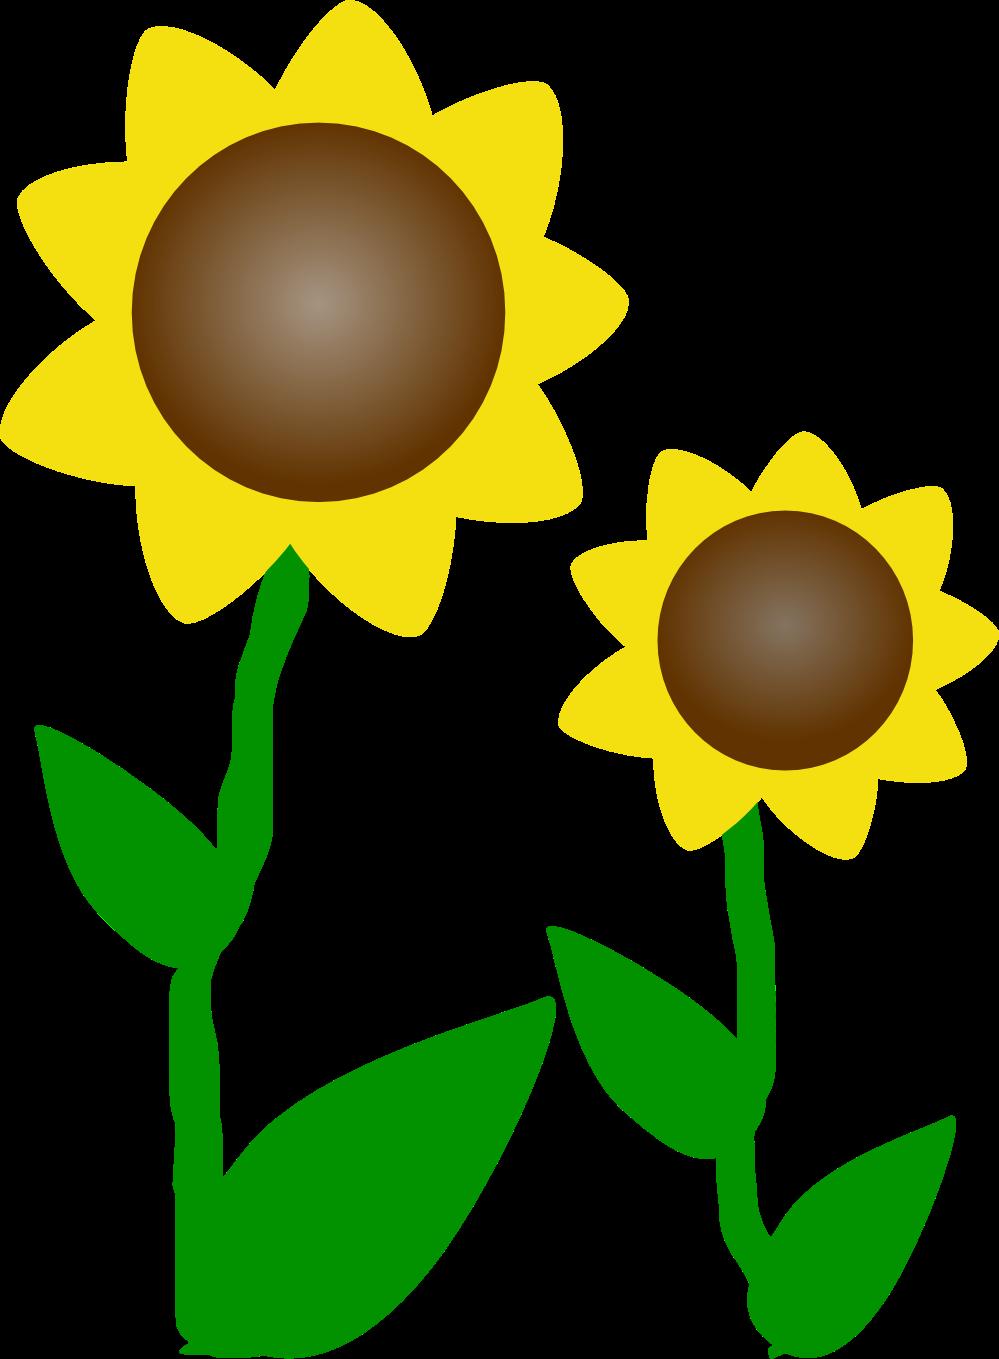 Sunflower Clip Art Black And White Sunflower clip art black